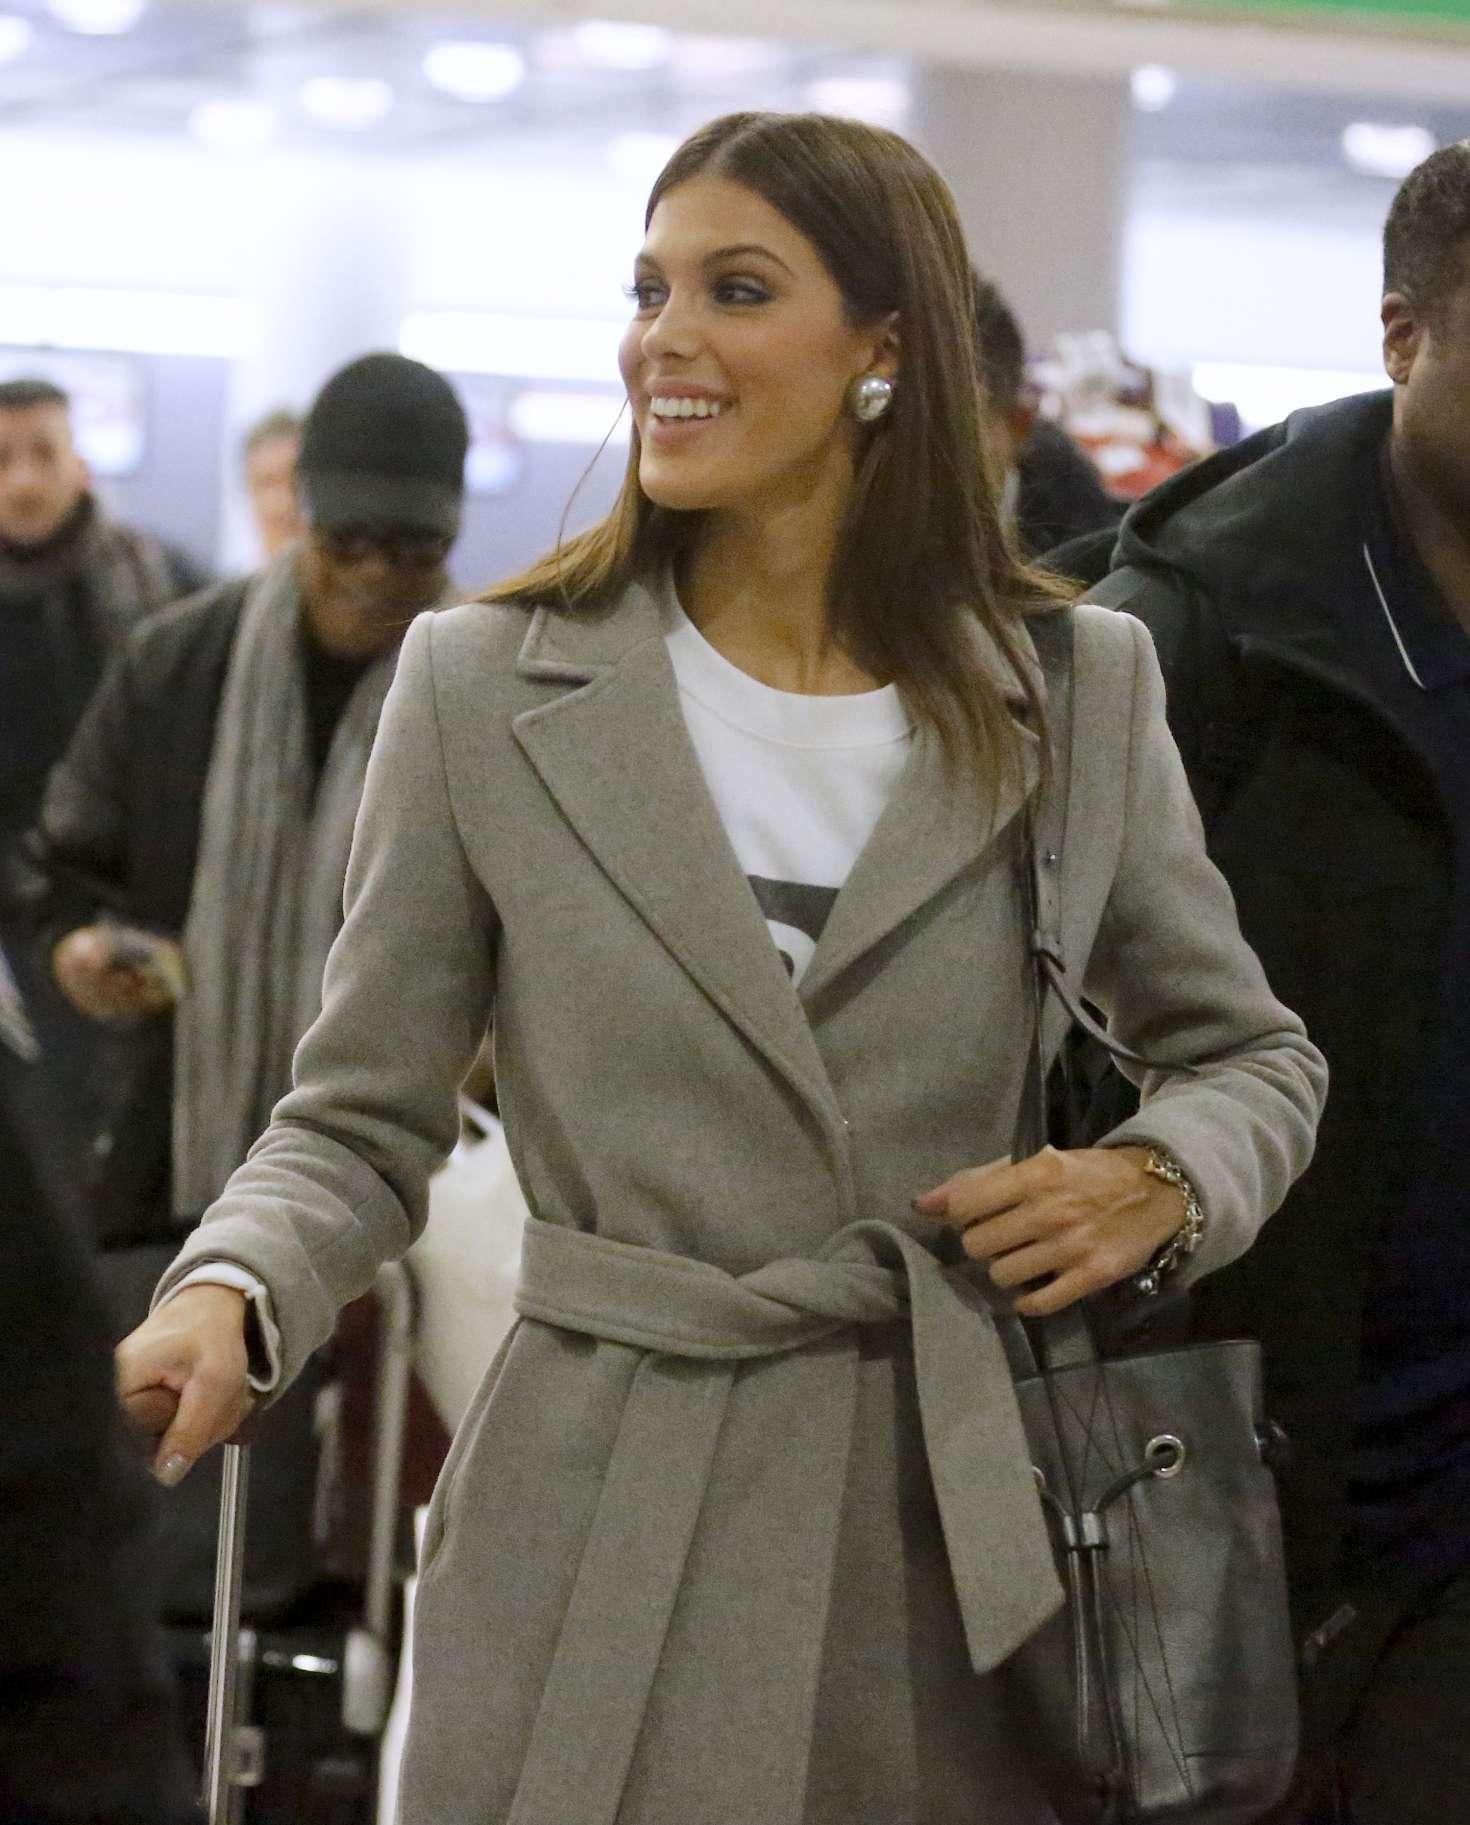 Iris Mittenaere at JFK Airport in New York